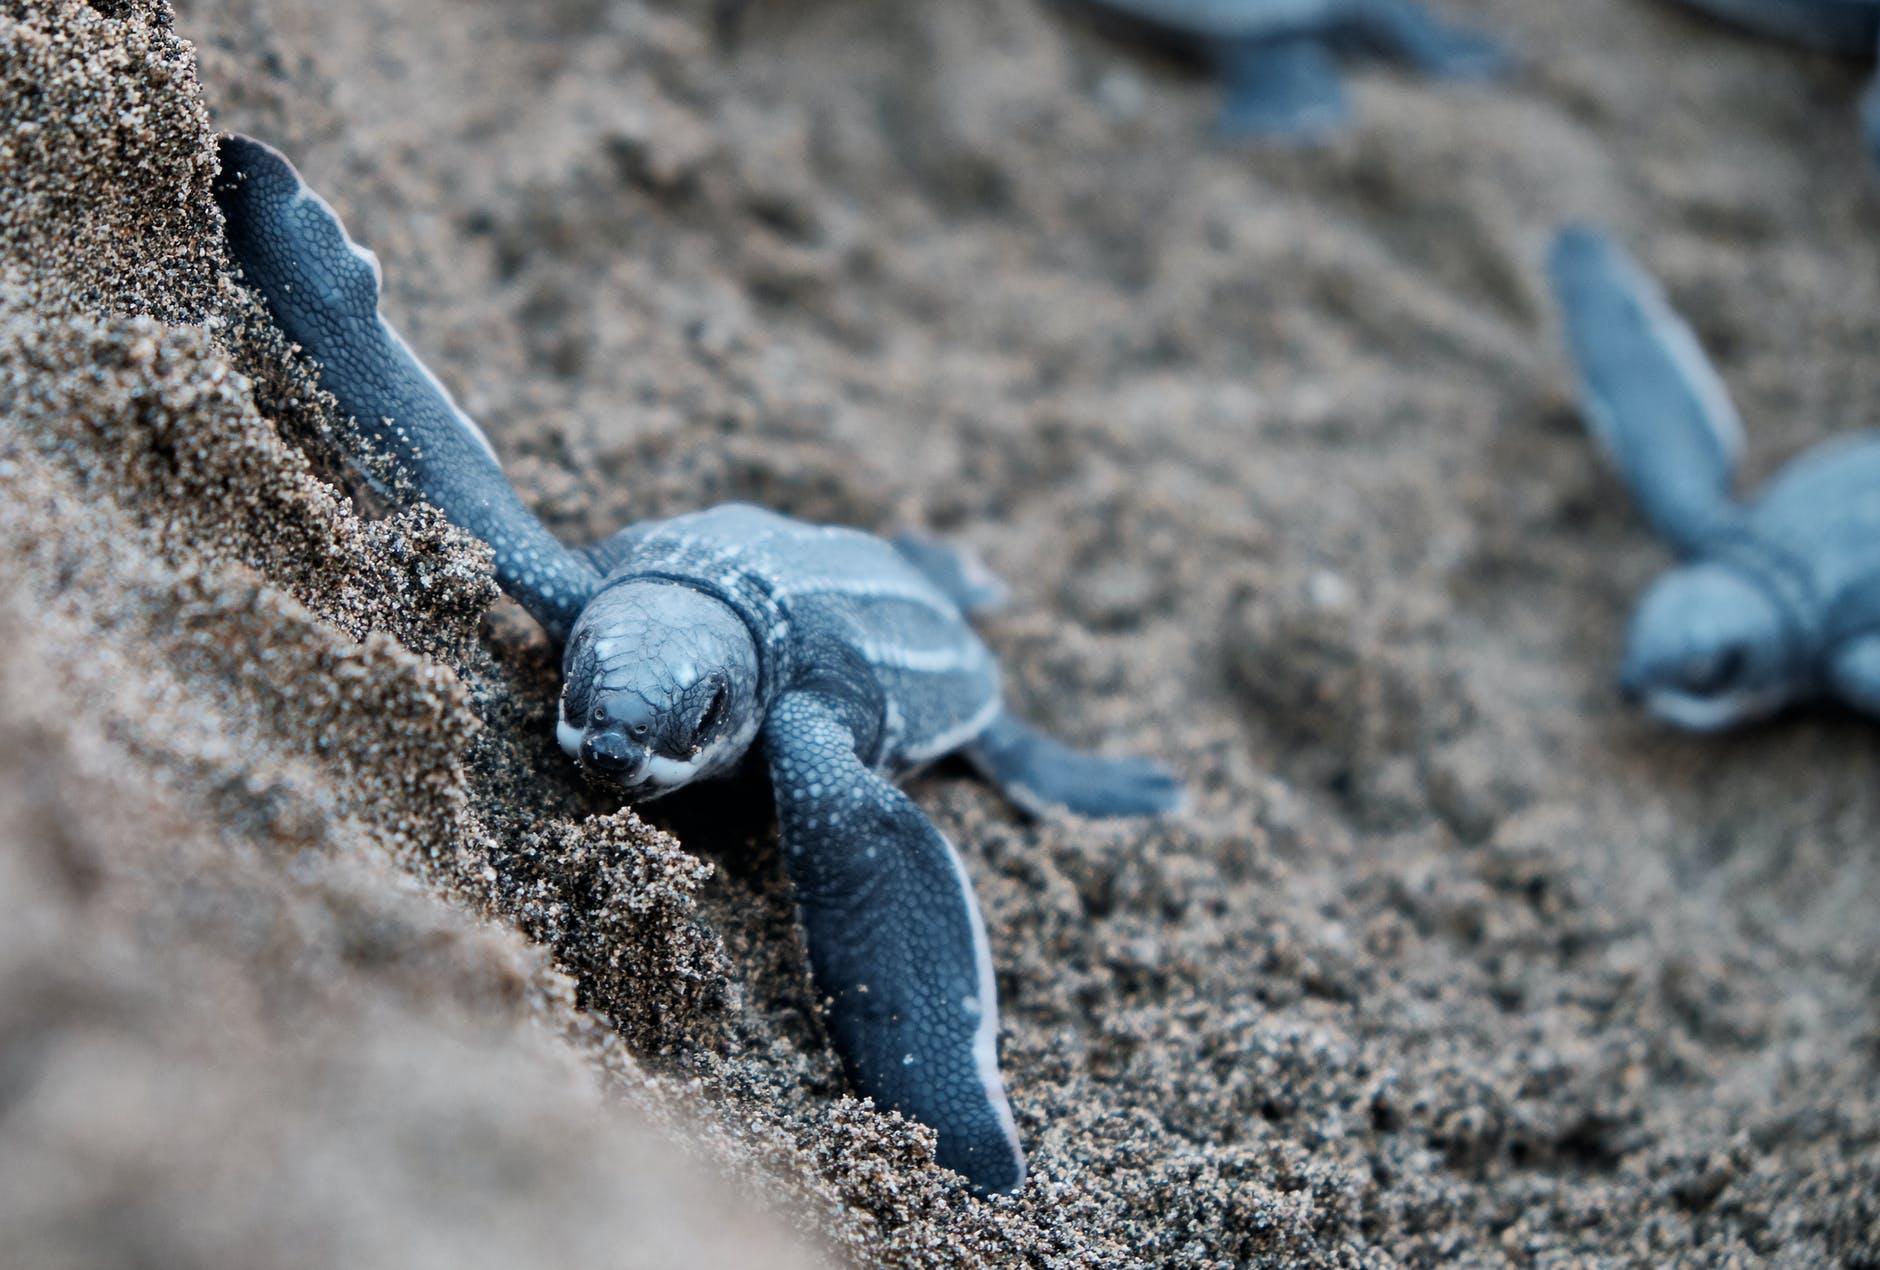 tartarughe in pericolo plastica